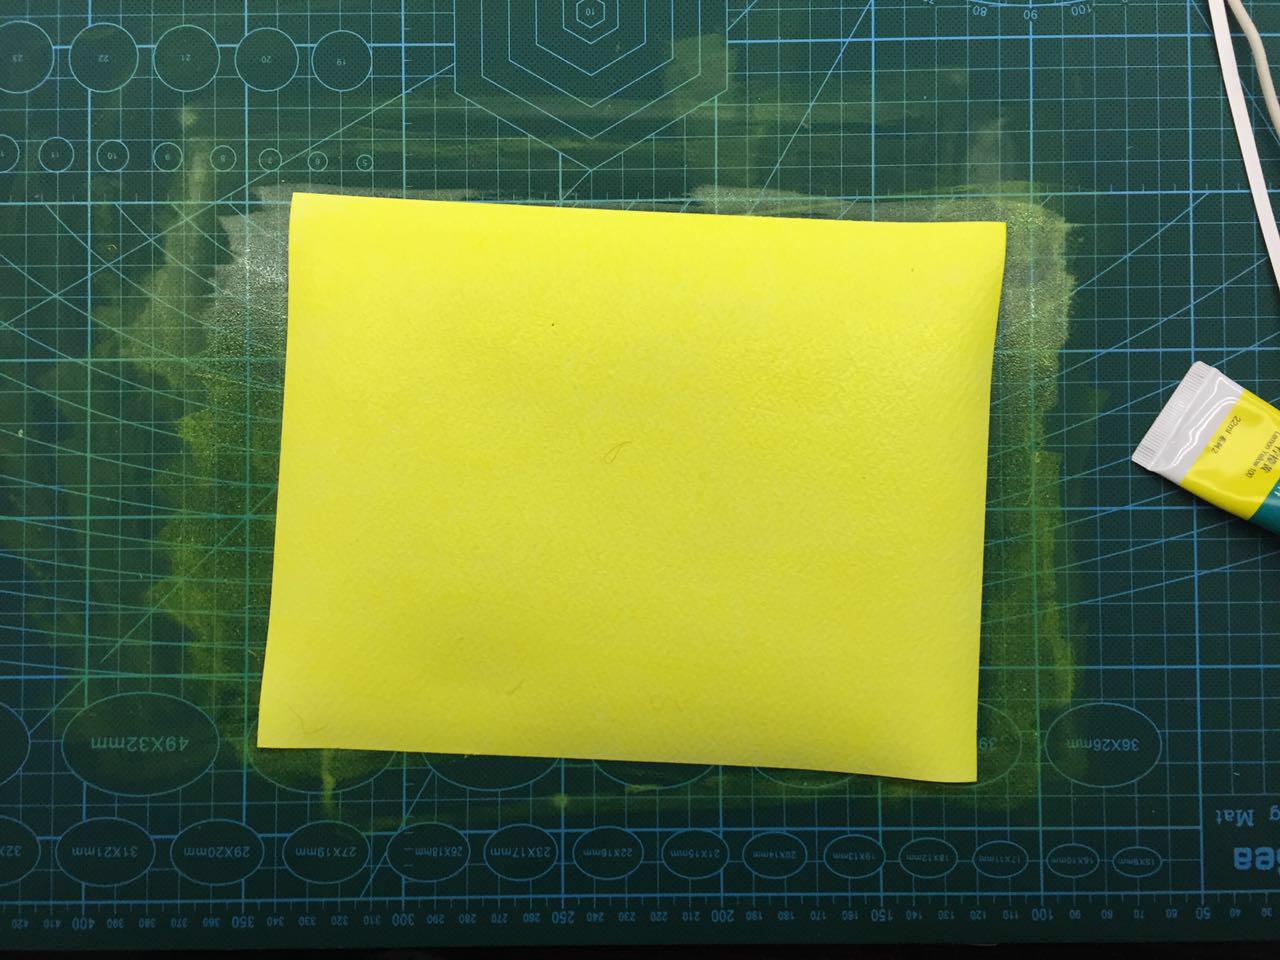 一管黄颜料   锁线装 手工上色 11x17.3cm 56p   2015